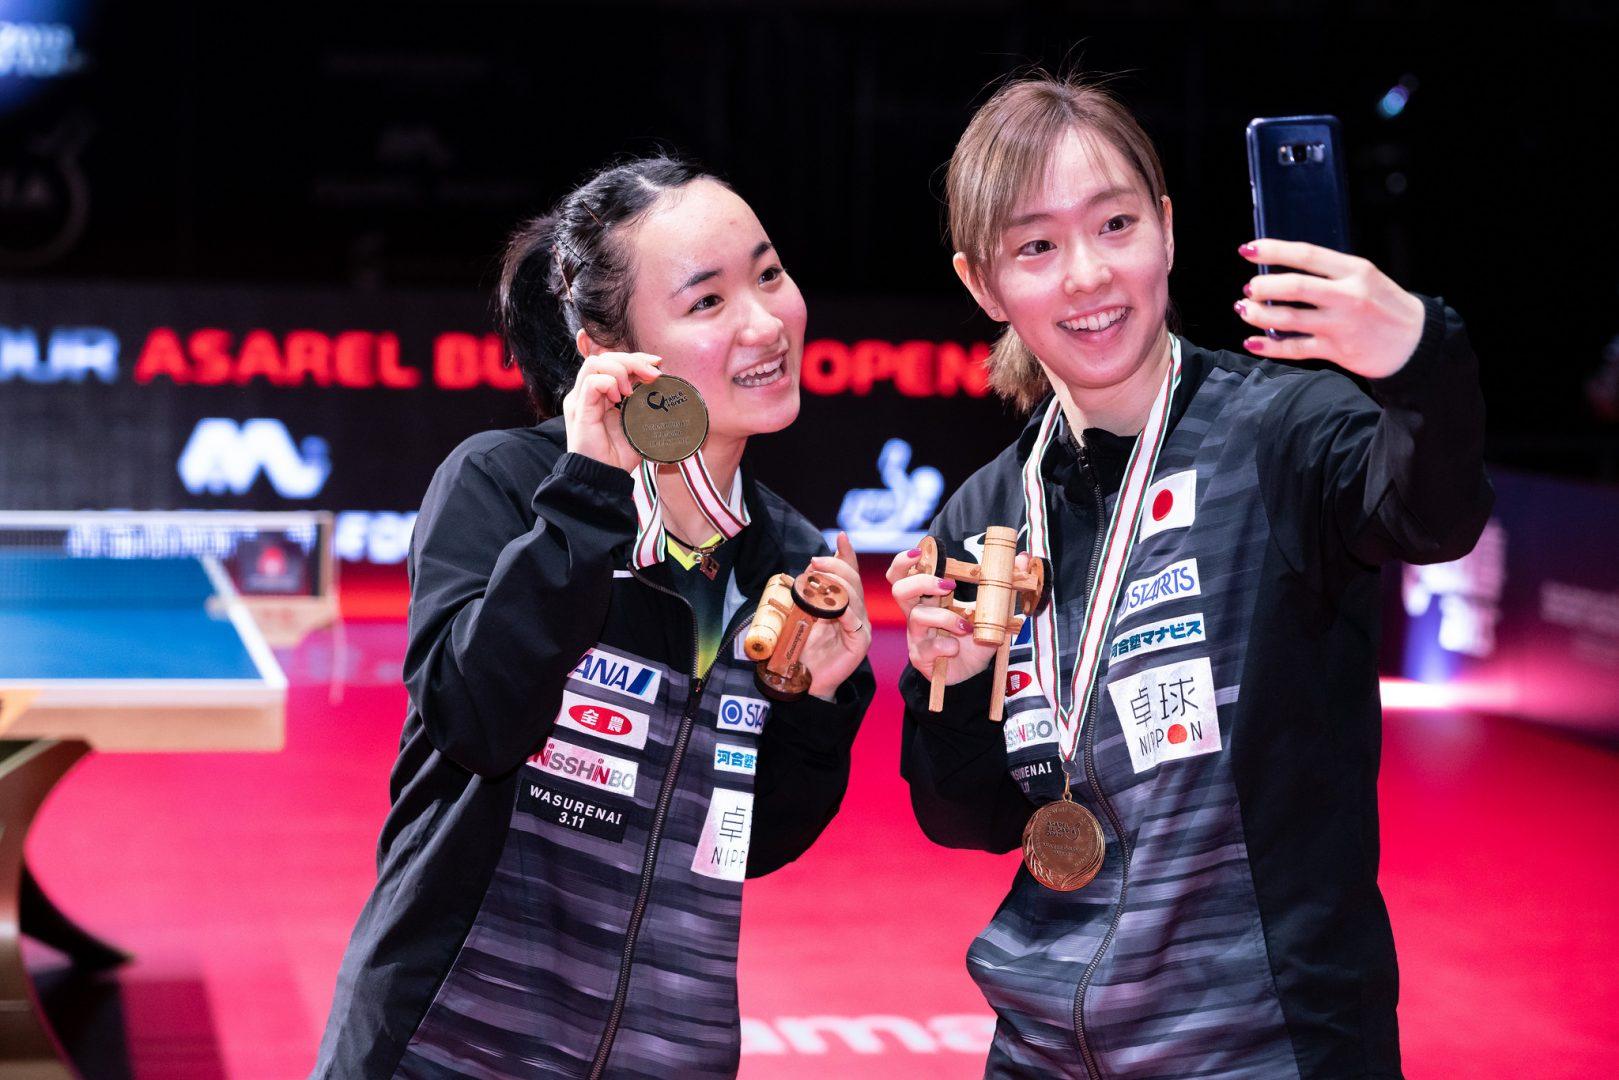 【卓球】石川が日本人トップをキープ 上位に大きな変動なし|女子世界ランキング(9月最新発表)